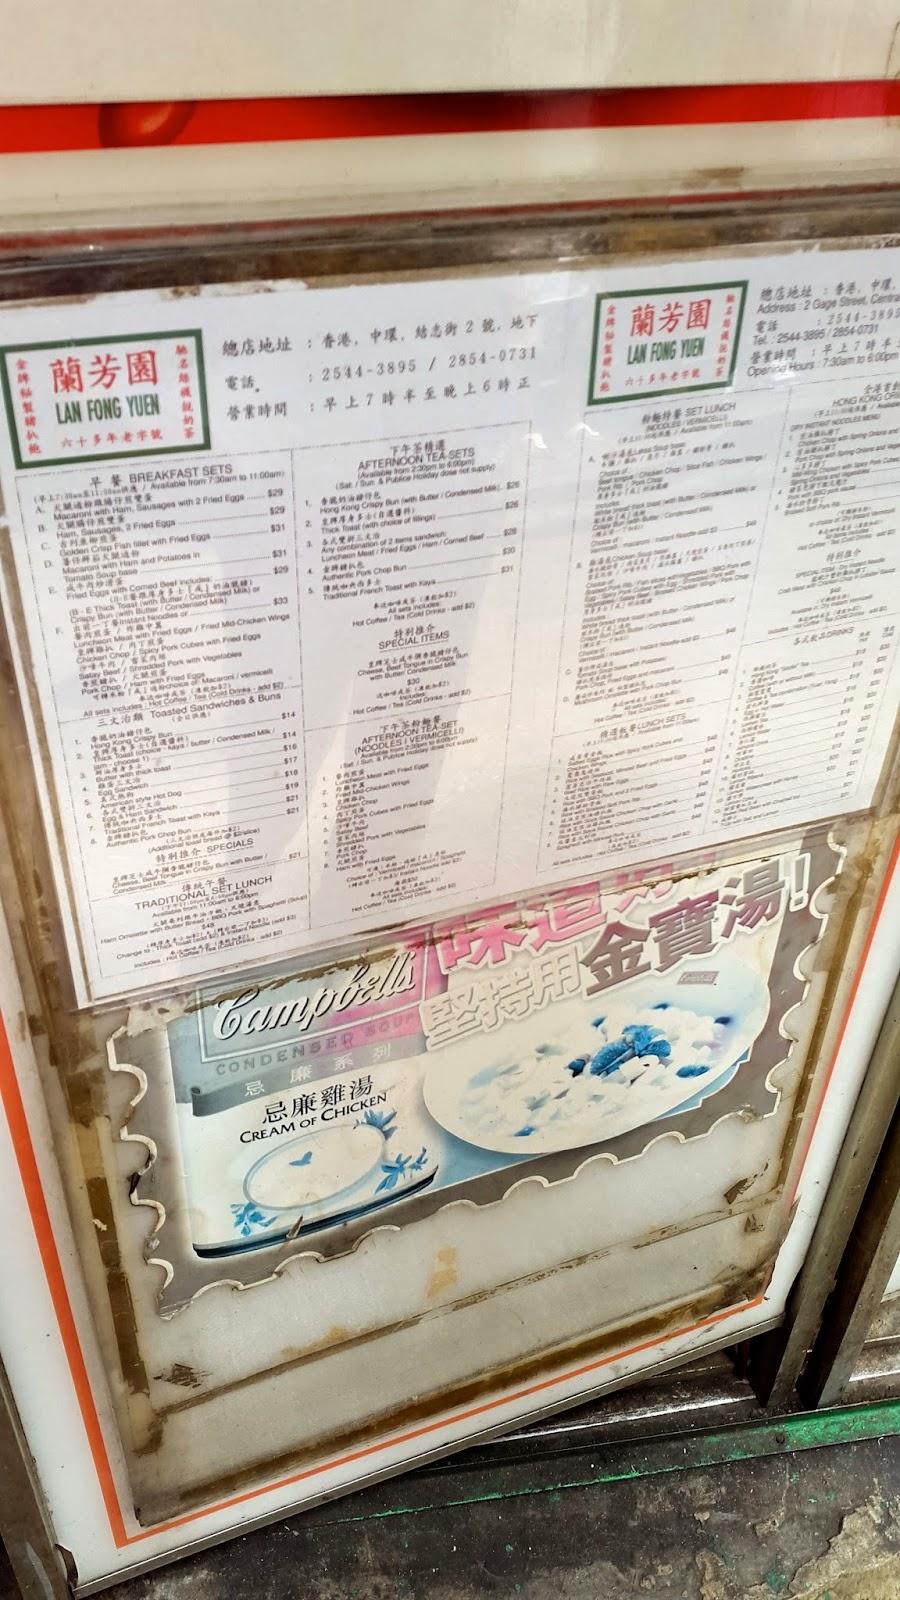 Lan Fong Yuen English Menu Hong Kong